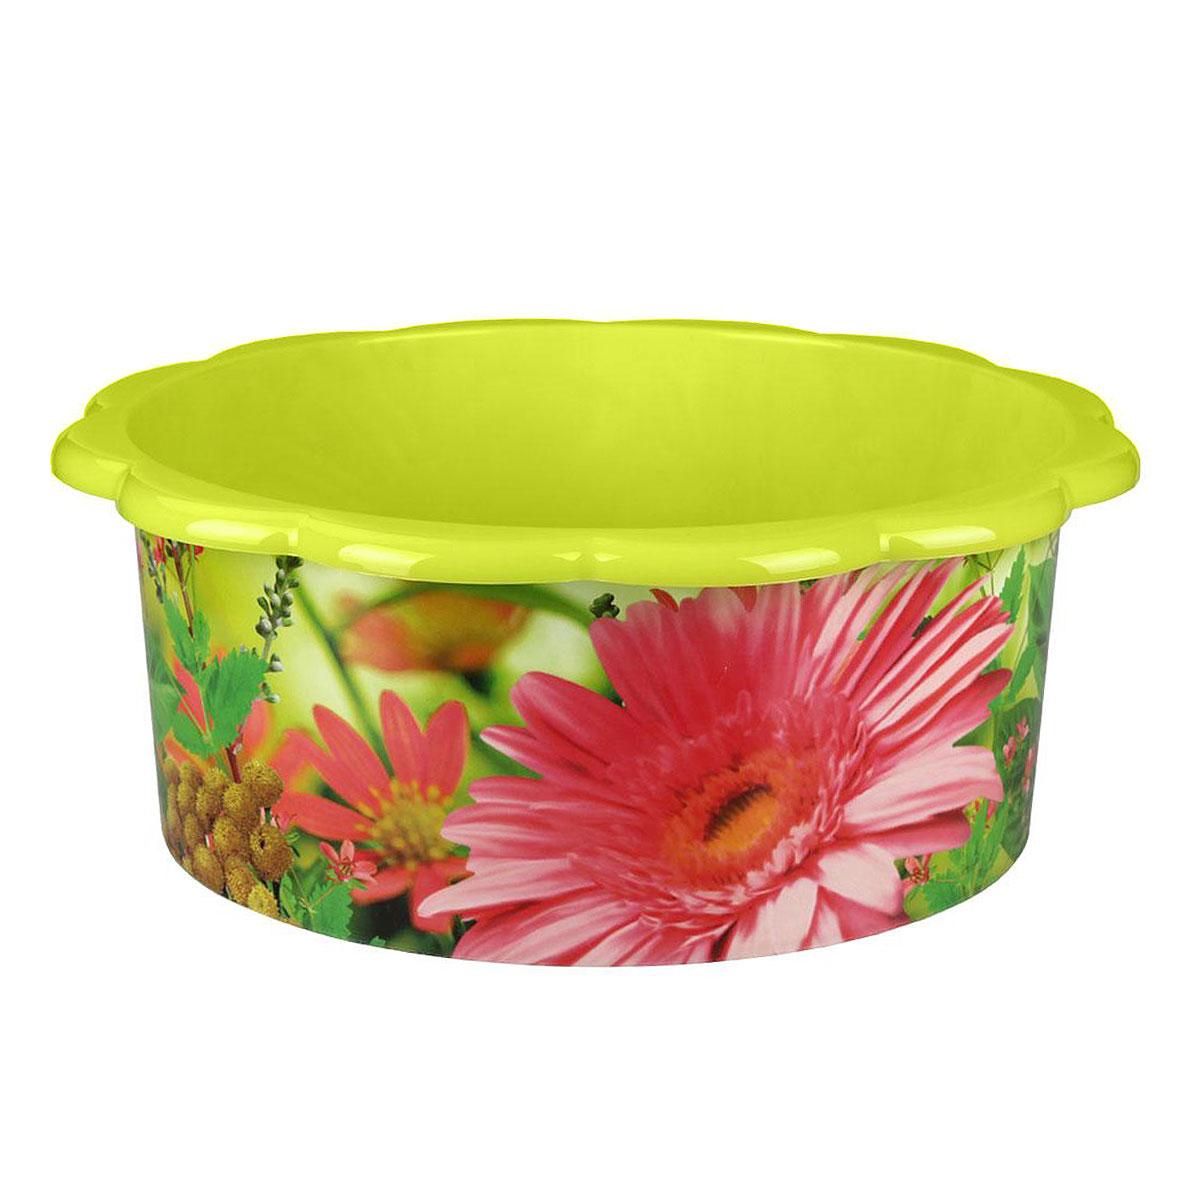 Таз Поэзия весны, цвет: салатовый, 20 лМ3106Таз Поэзия весны изготовлен из высококачественного пластика. Он выполнен в классическом круглом варианте. По бокам имеются удобные углубления, которые обеспечивают удобный захват. Таз предназначен для стирки и хранения разных вещей. Он пригодится в любом хозяйстве.